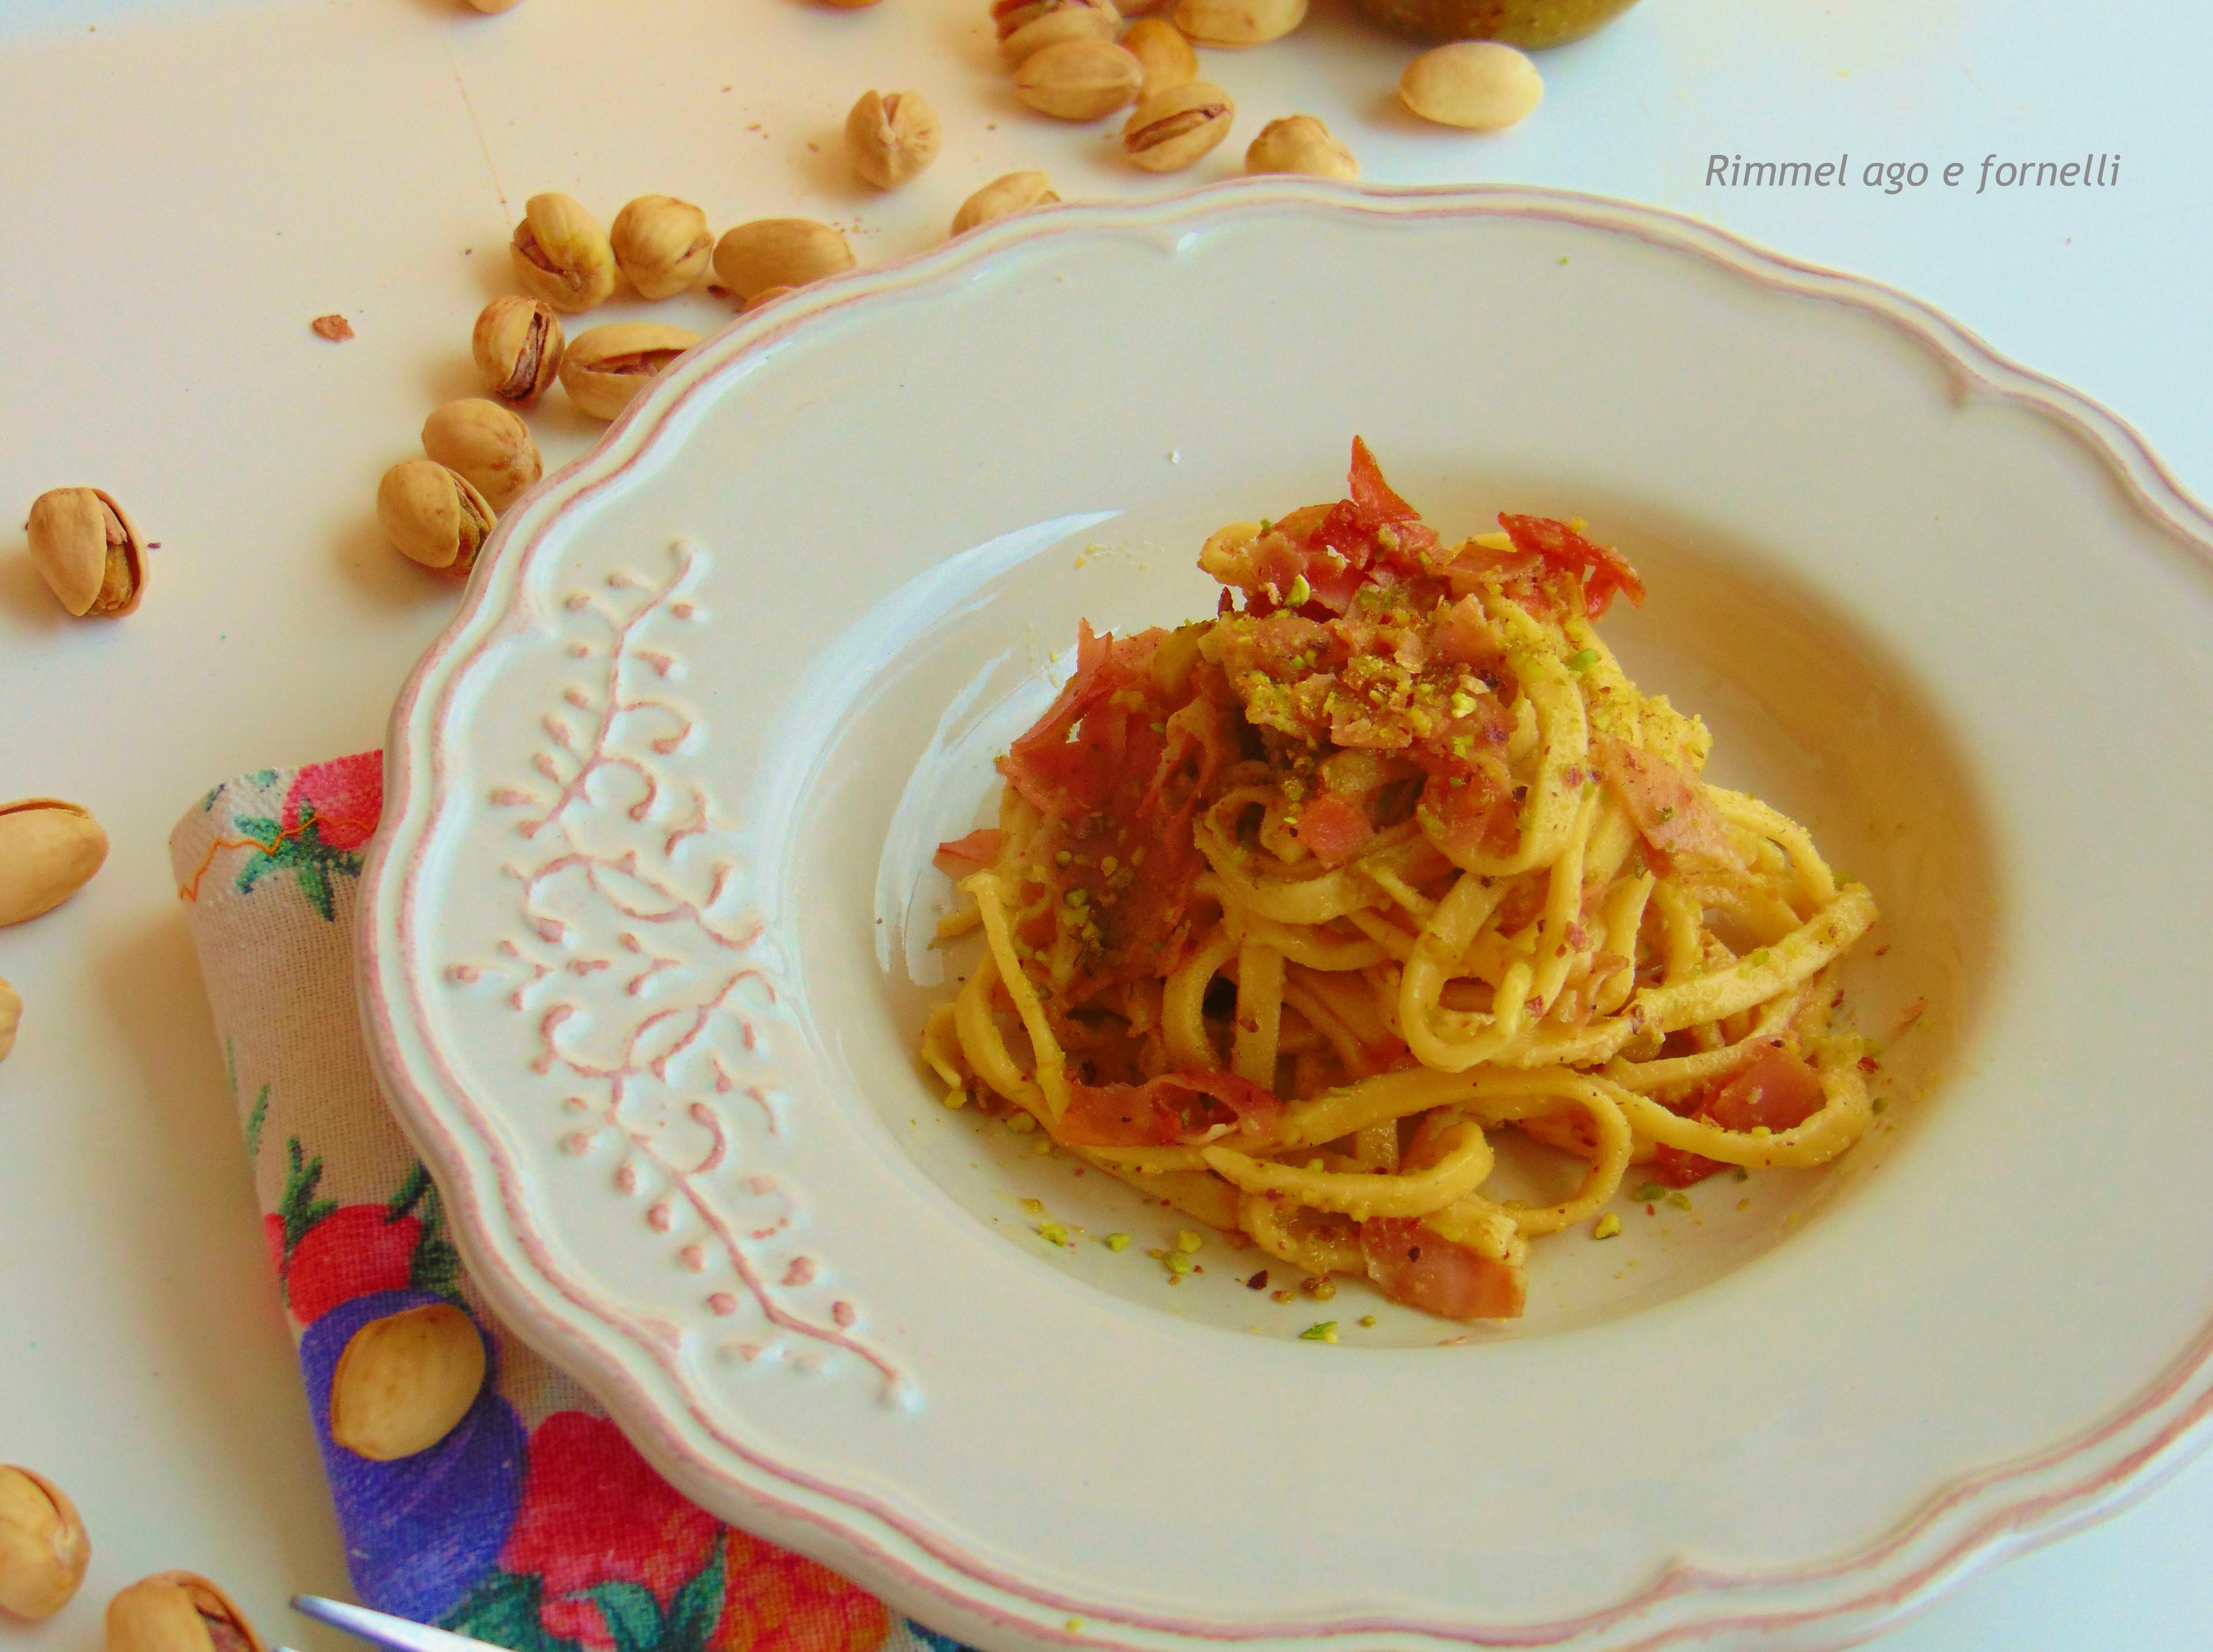 Trenette pistacchio e mortadella